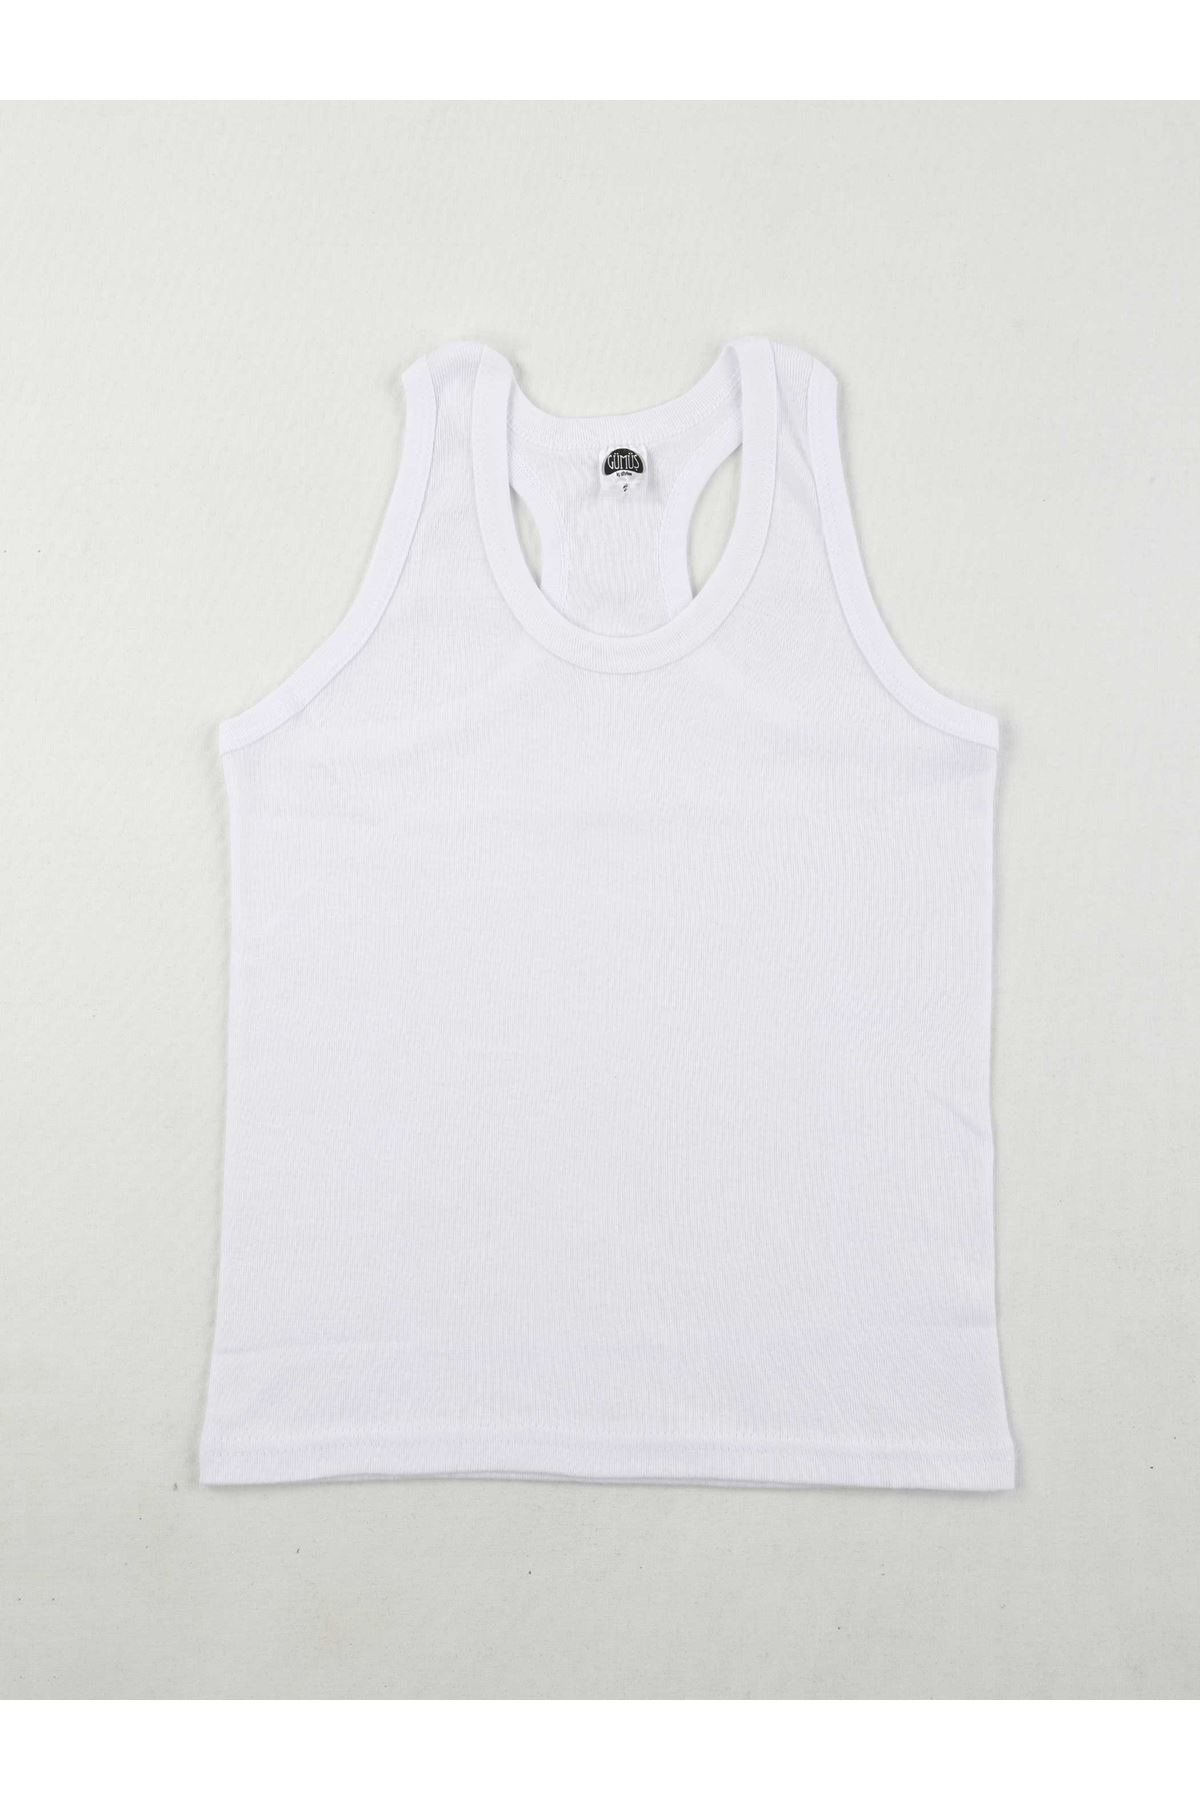 Gümüş İç Giyim Erkek Çocuk Beyaz Sporcu Atlet